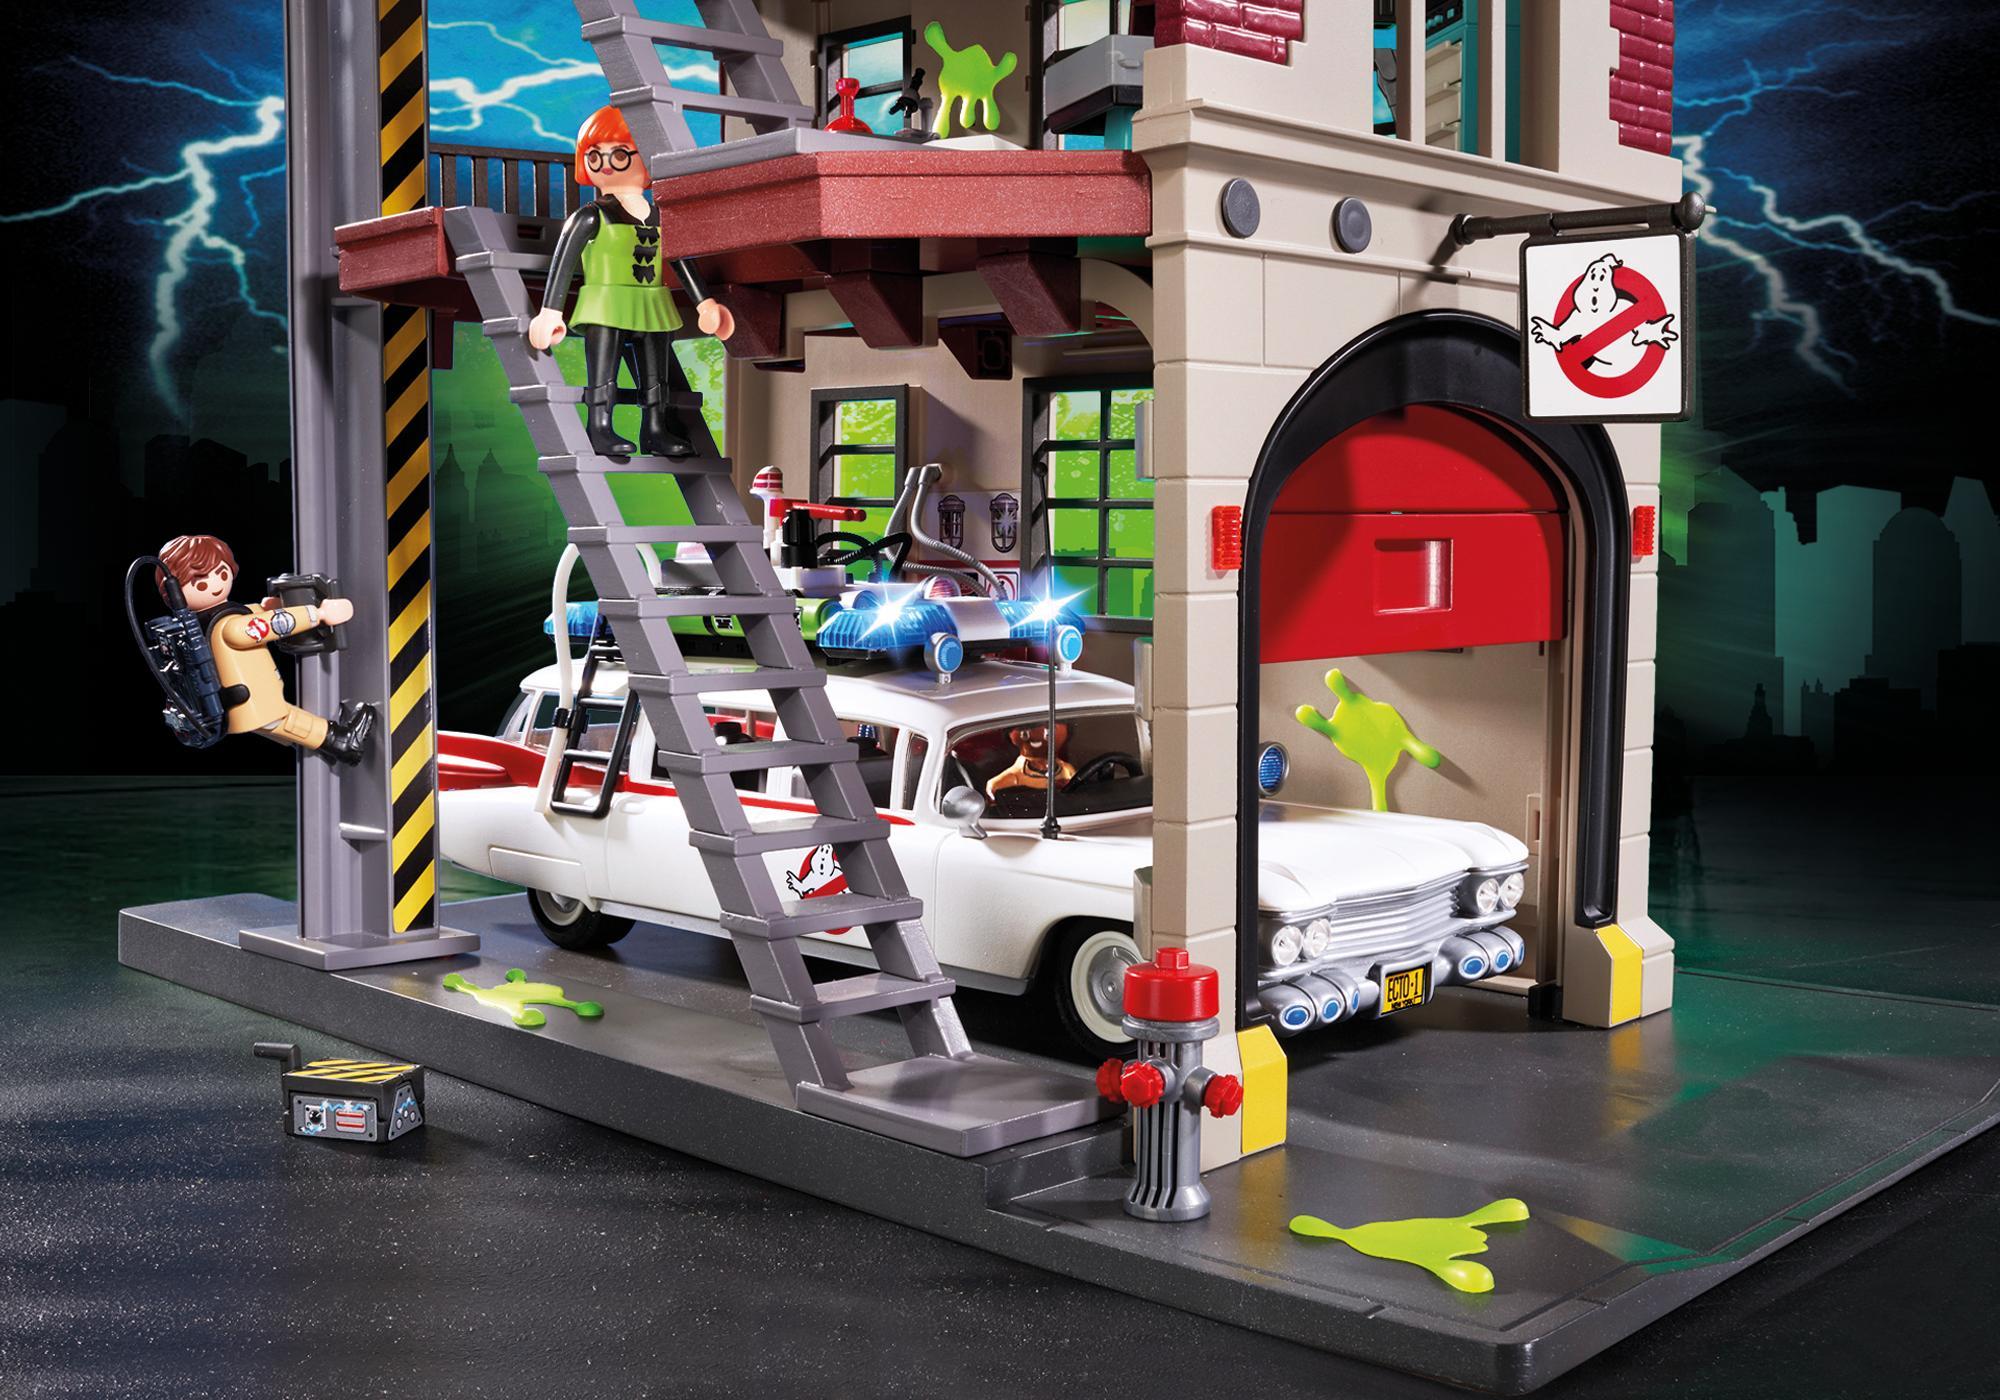 http://media.playmobil.com/i/playmobil/9219_product_extra2/Quartel de Bombeiros Ghostbusters™